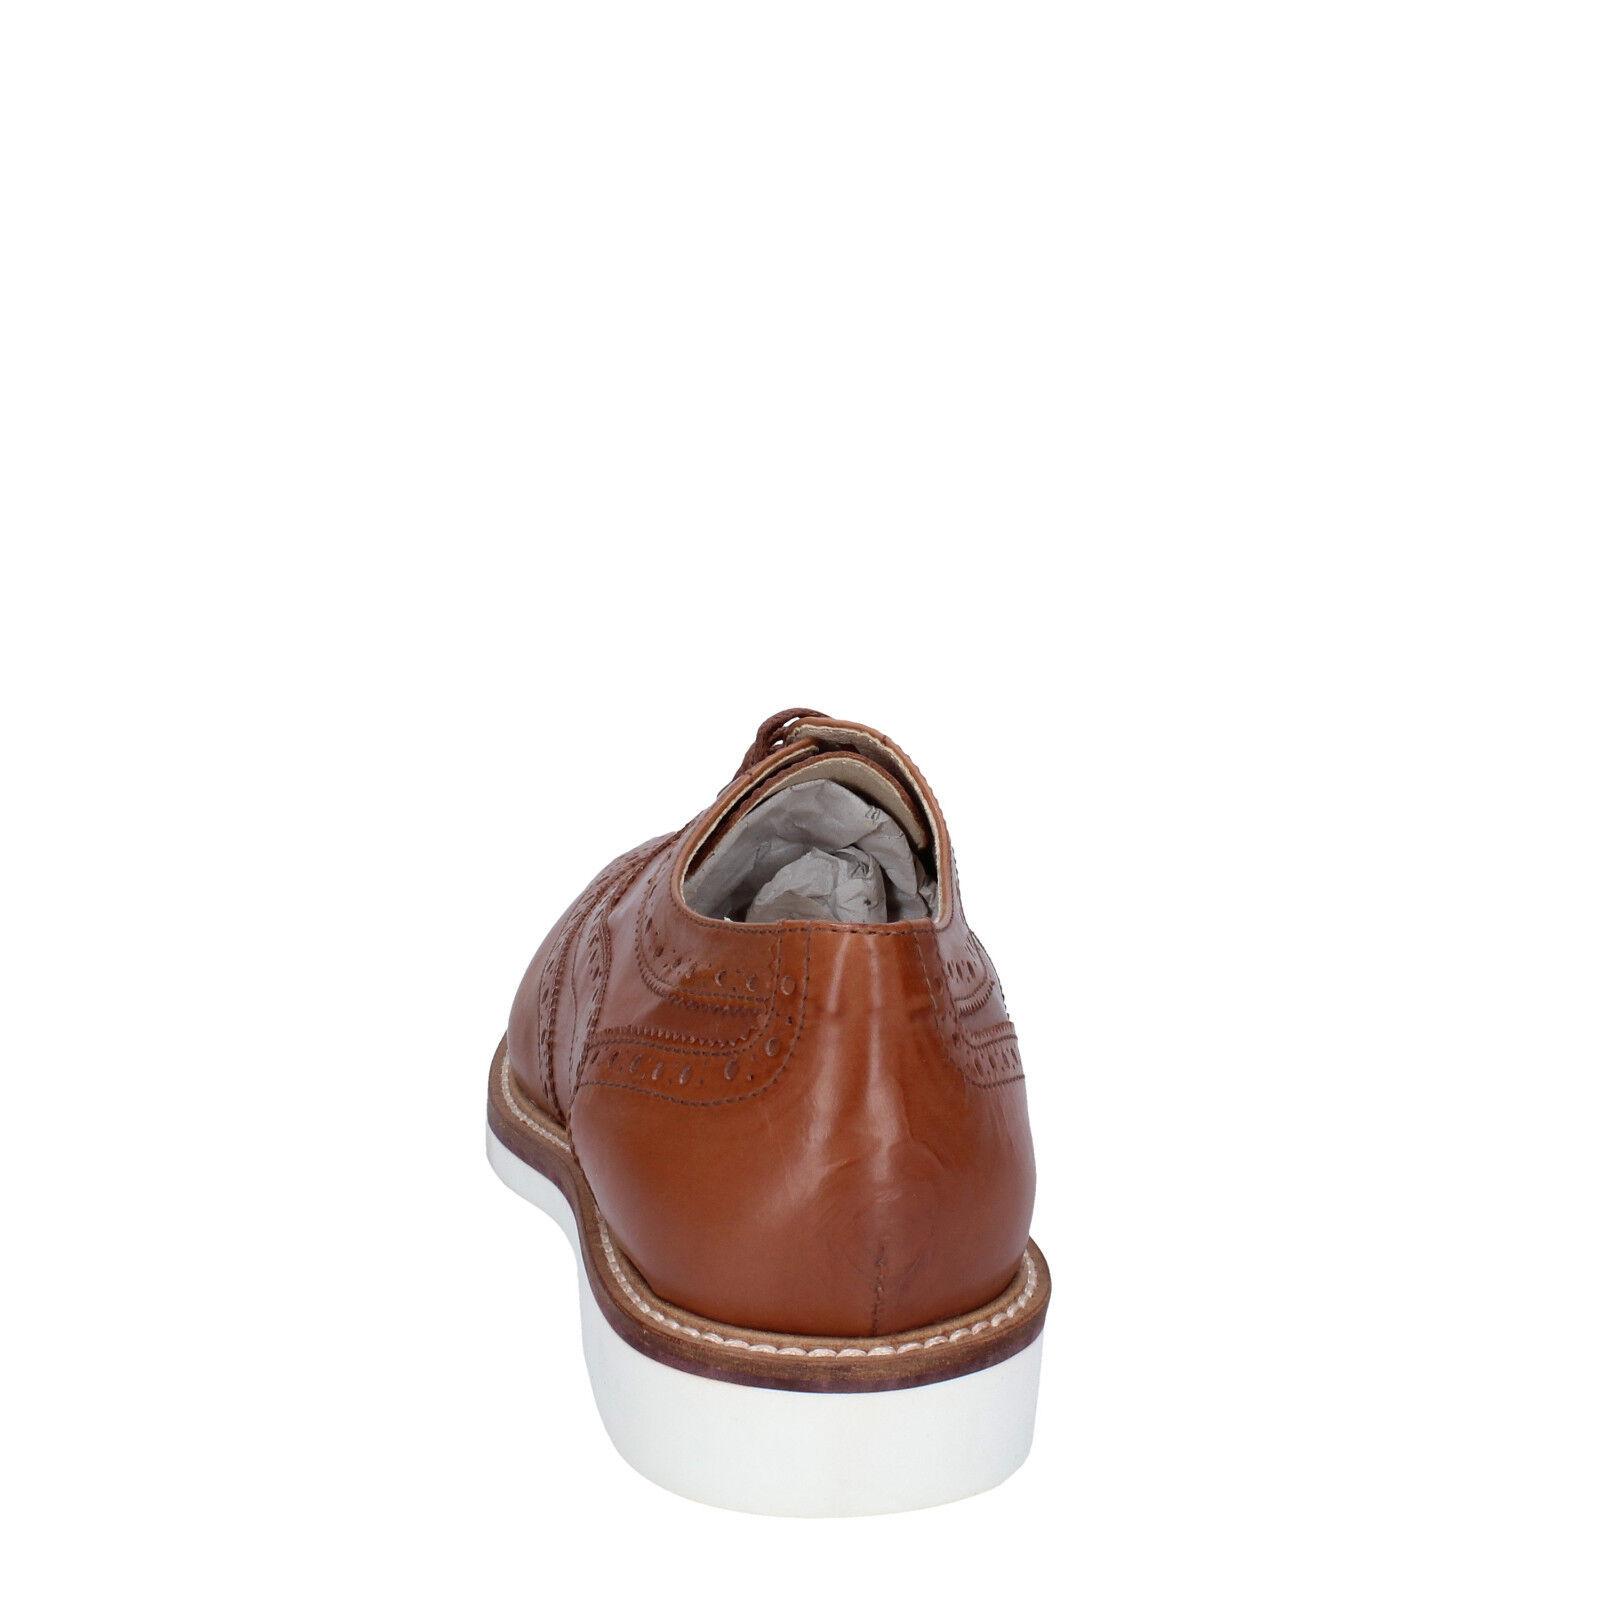 Scarpe uomo K852 & & & SON 40 EU classiche Marroneee pelle BT923-40 | unico  | Scolaro/Ragazze Scarpa  fbde32